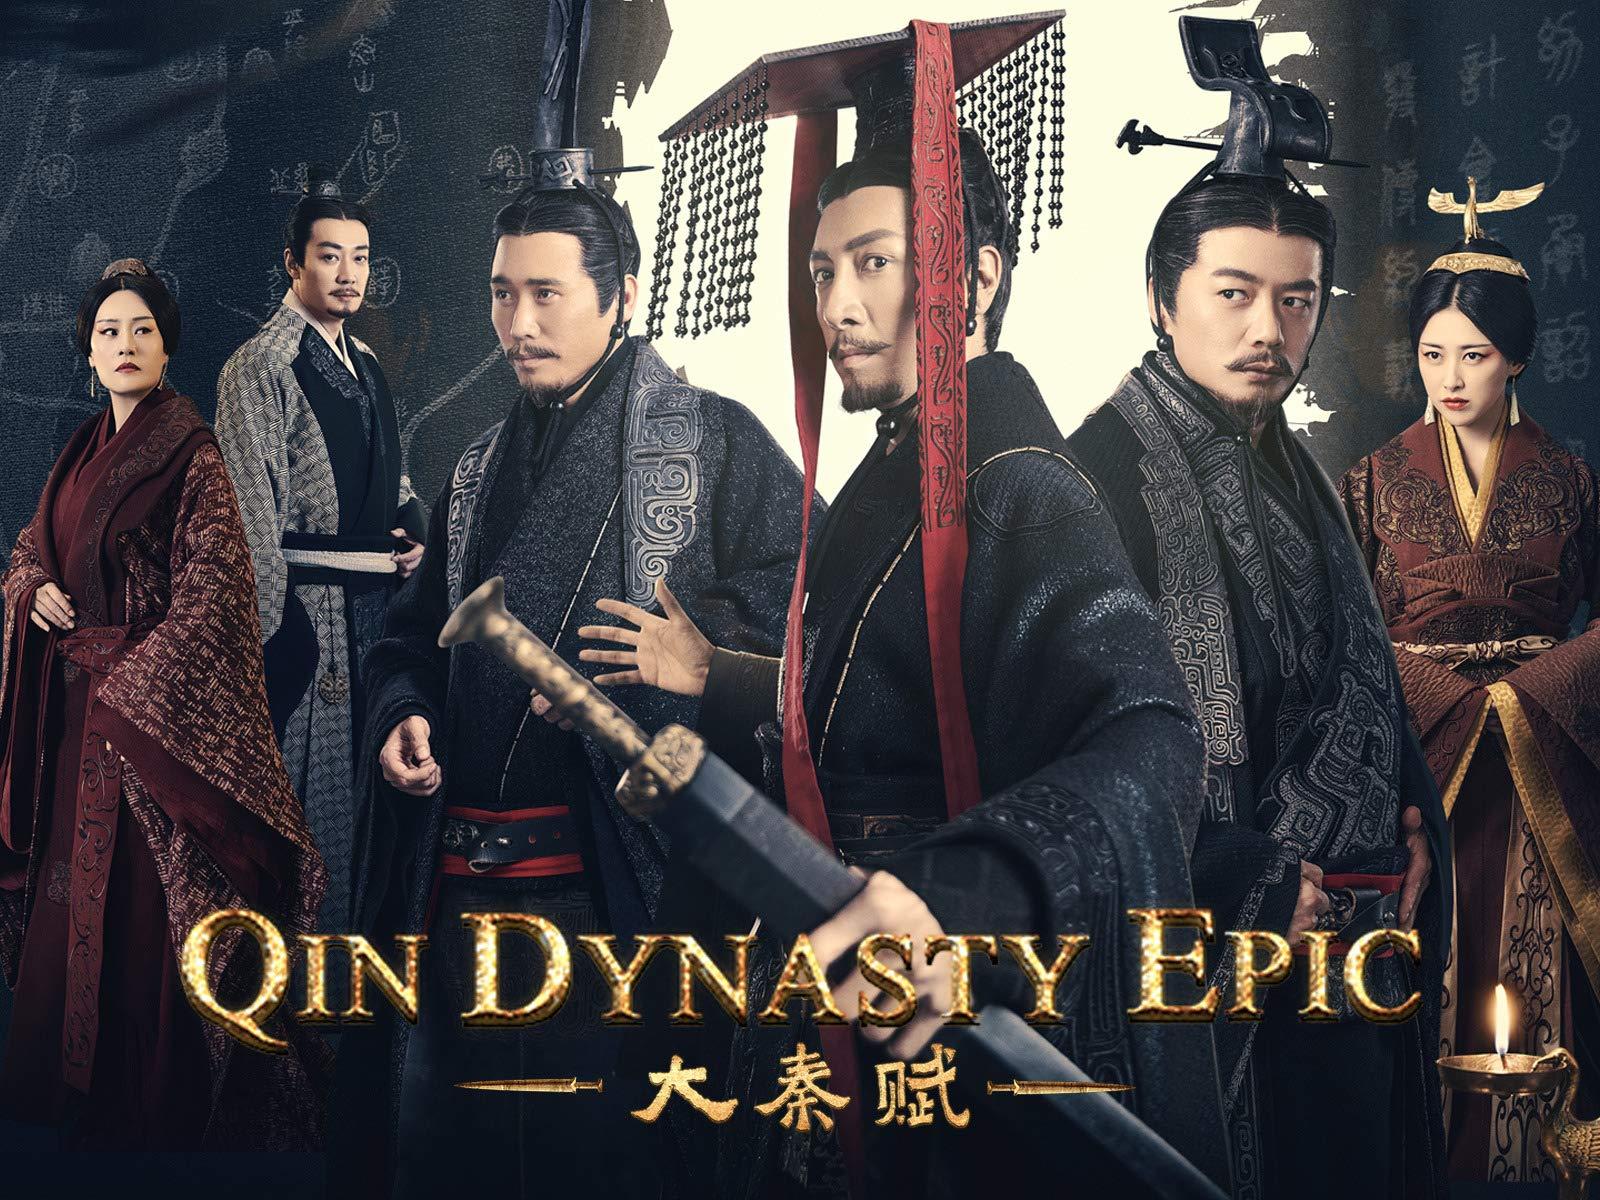 Qin Dynasty Epic - Season 1